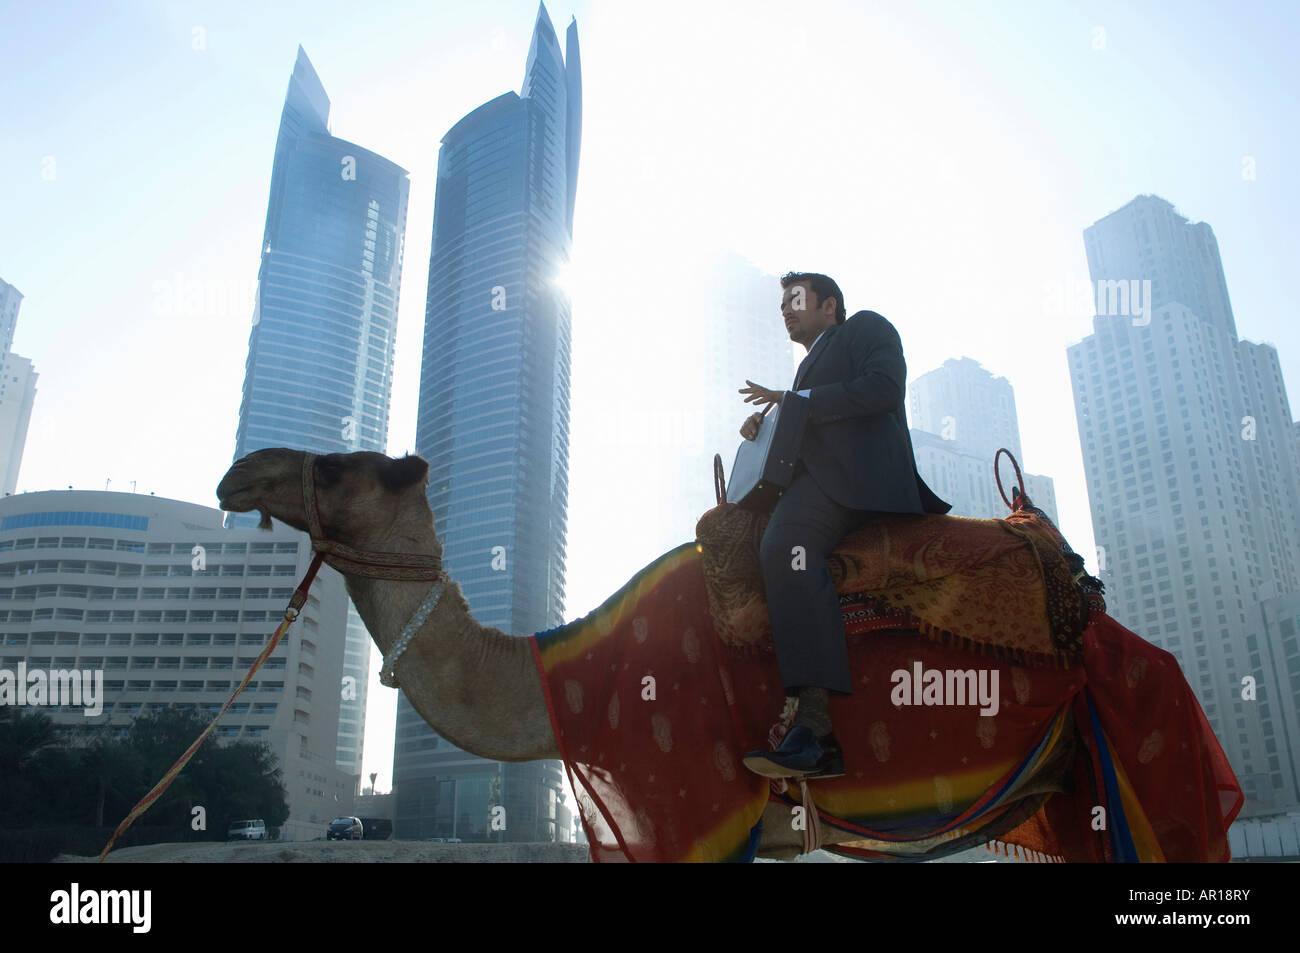 Imprenditore seduto sul cammello, torri visto attraverso la nebbia in background Immagini Stock